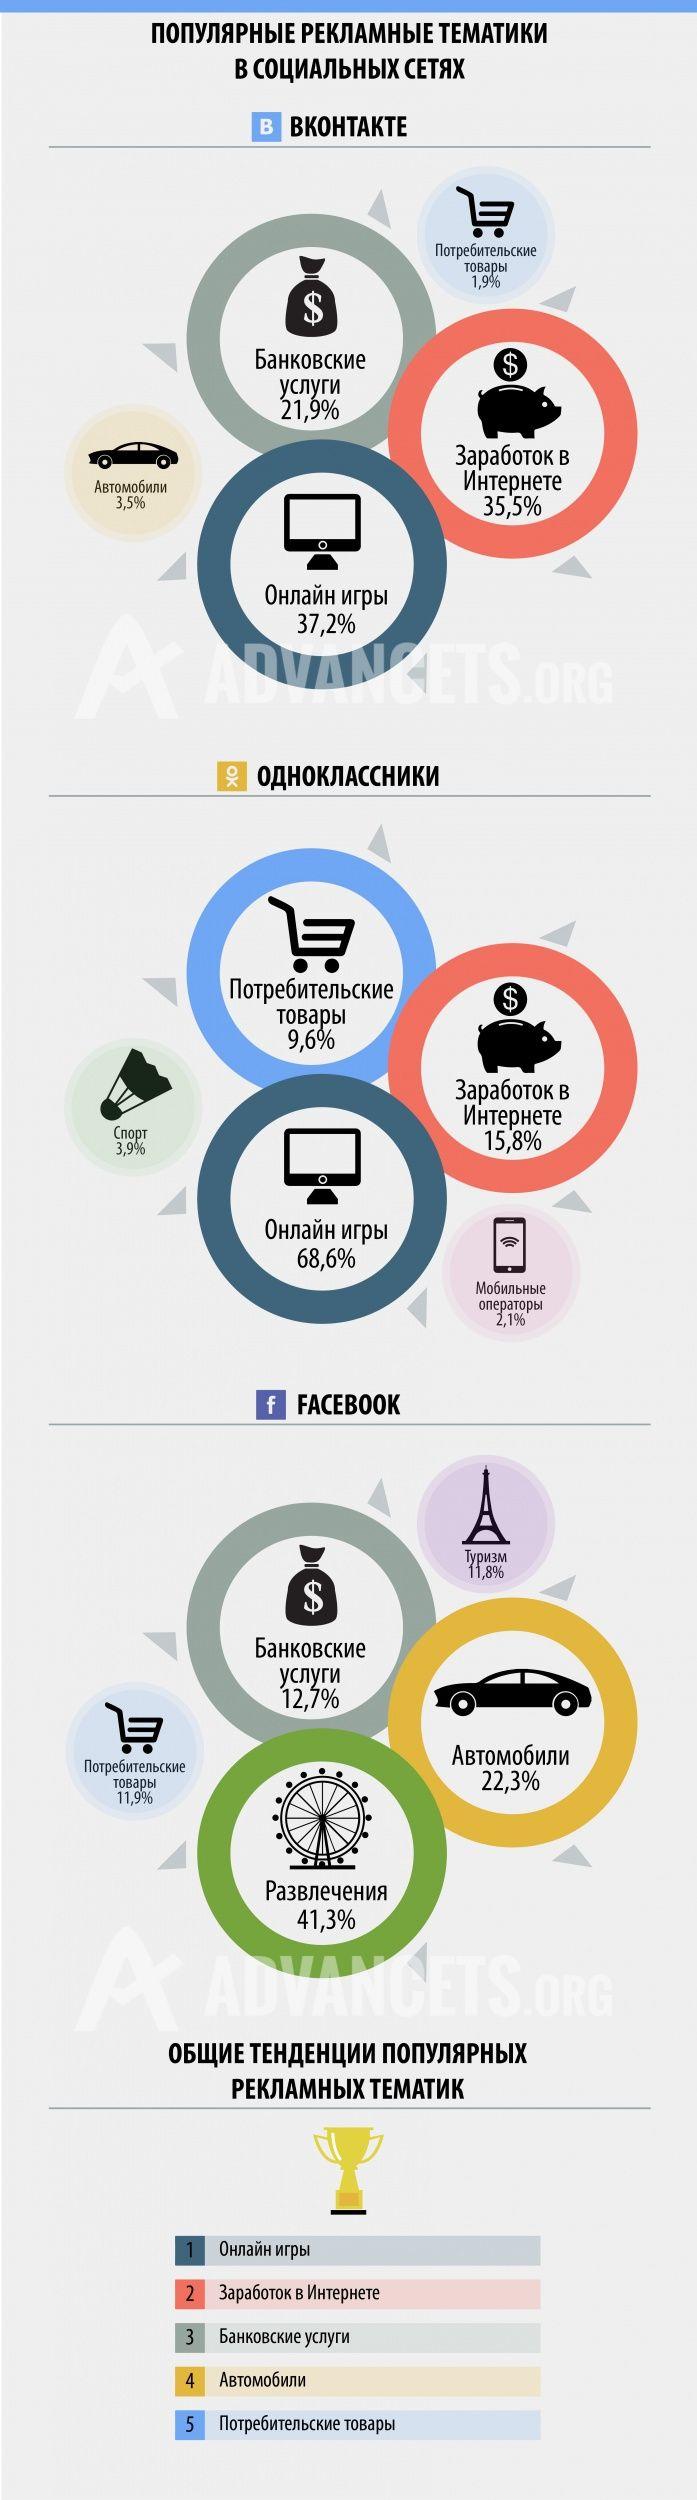 Социальные сети: аудитория и рекламные тенденции. Читайте на Cossa.ru